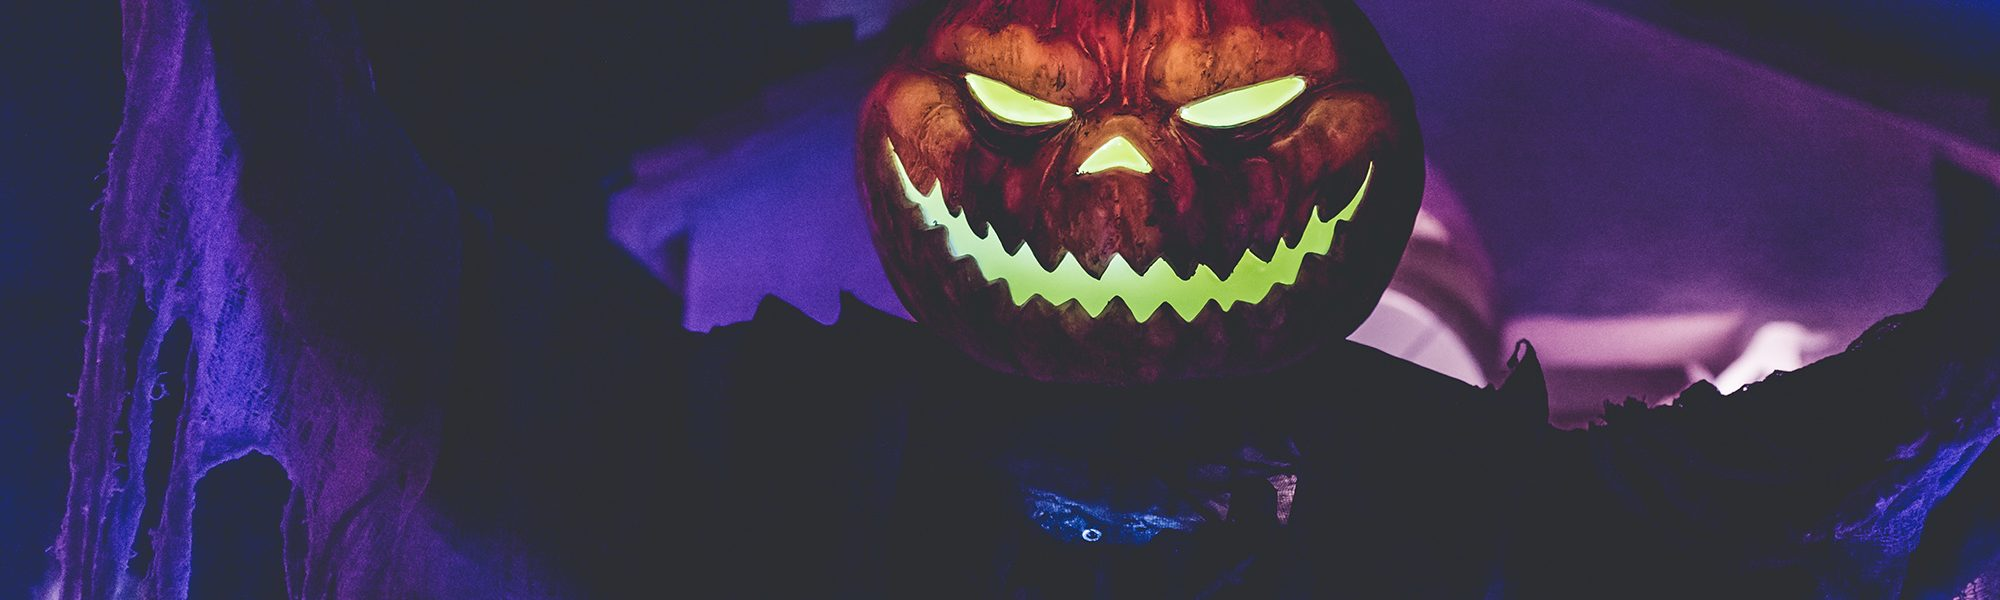 Toot-Sweet-Halloween